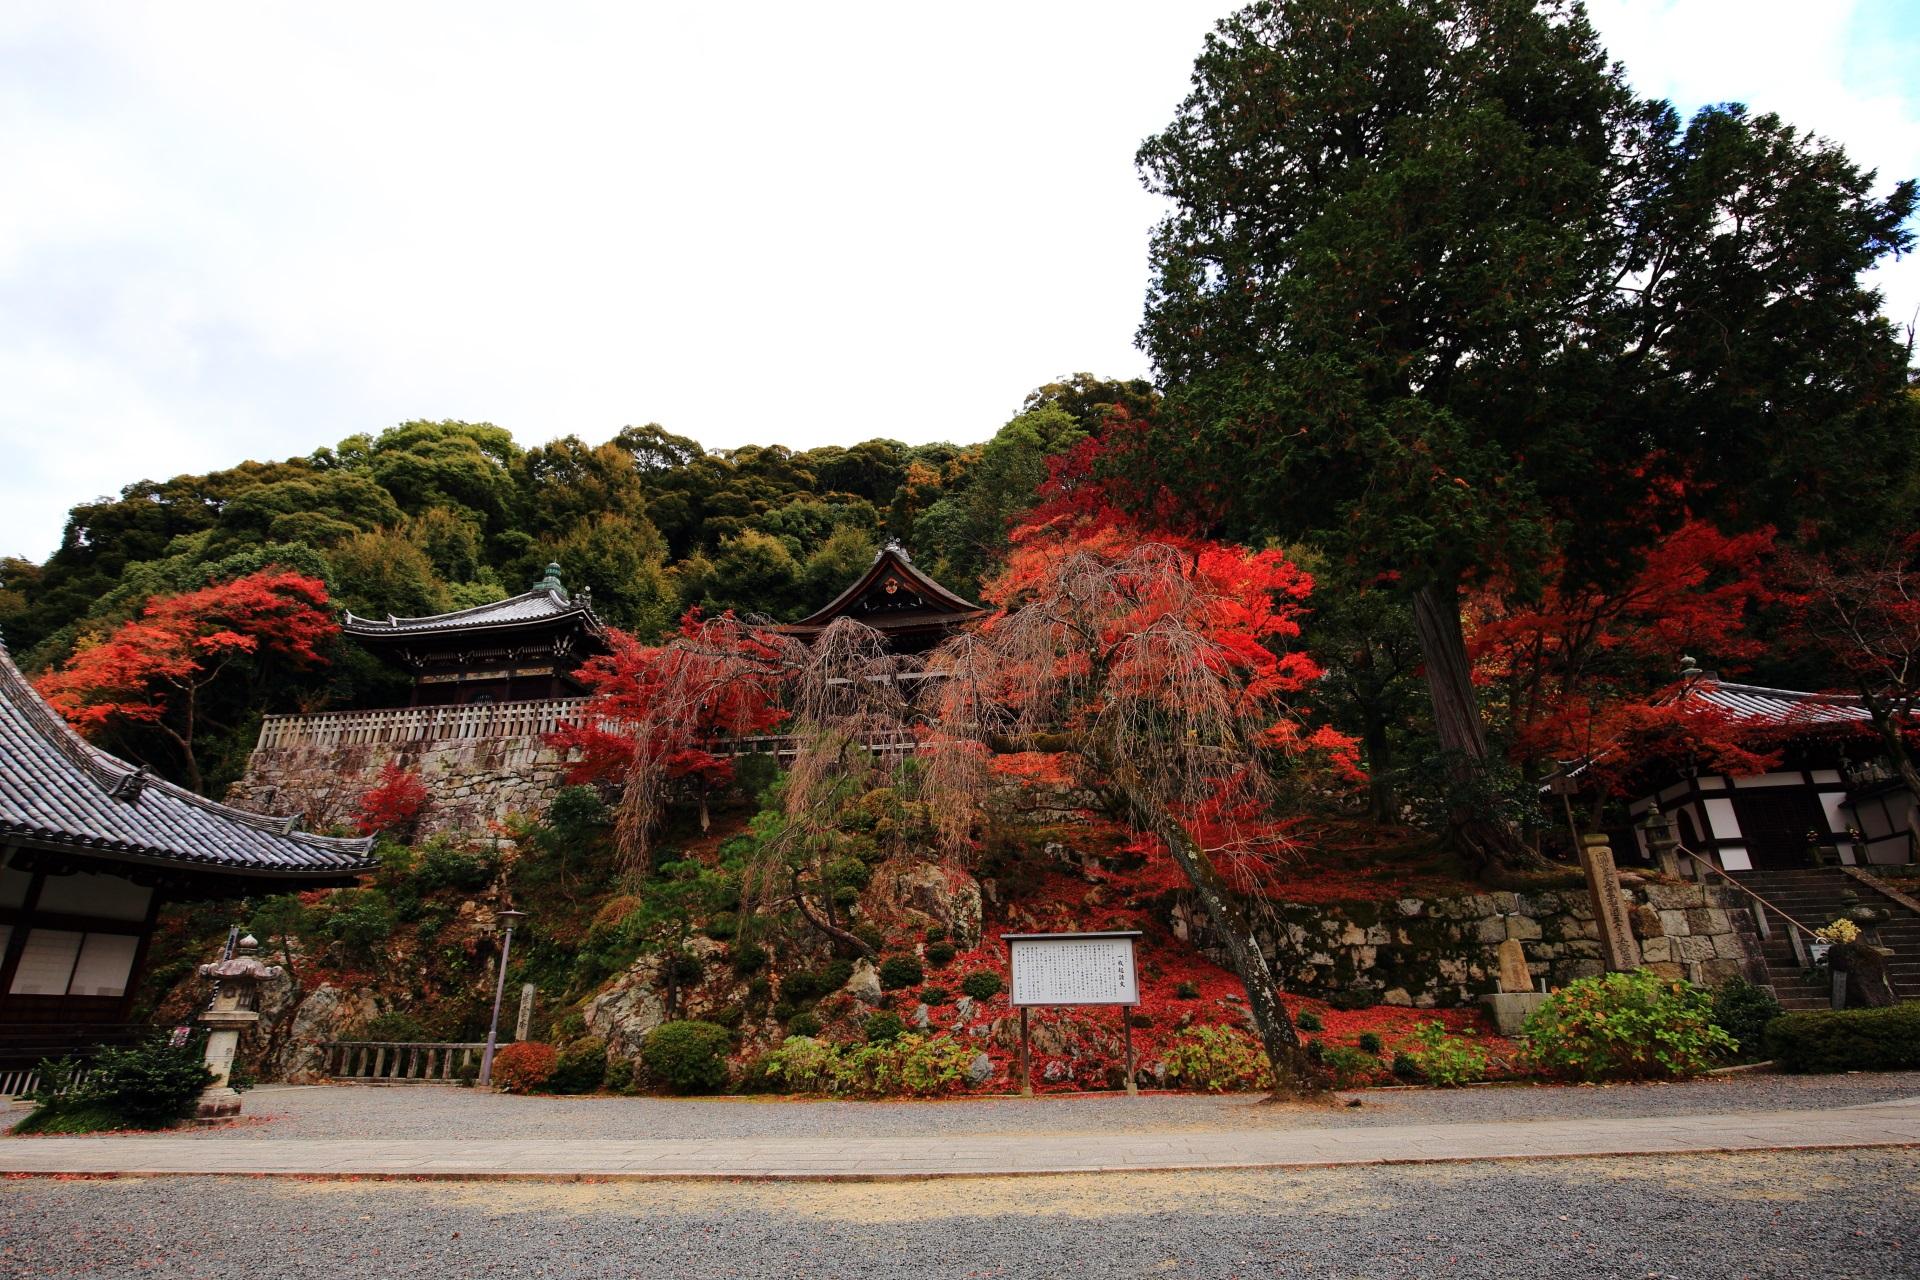 色とりどりの紅葉が溢れる知恩院の法然上人御廟